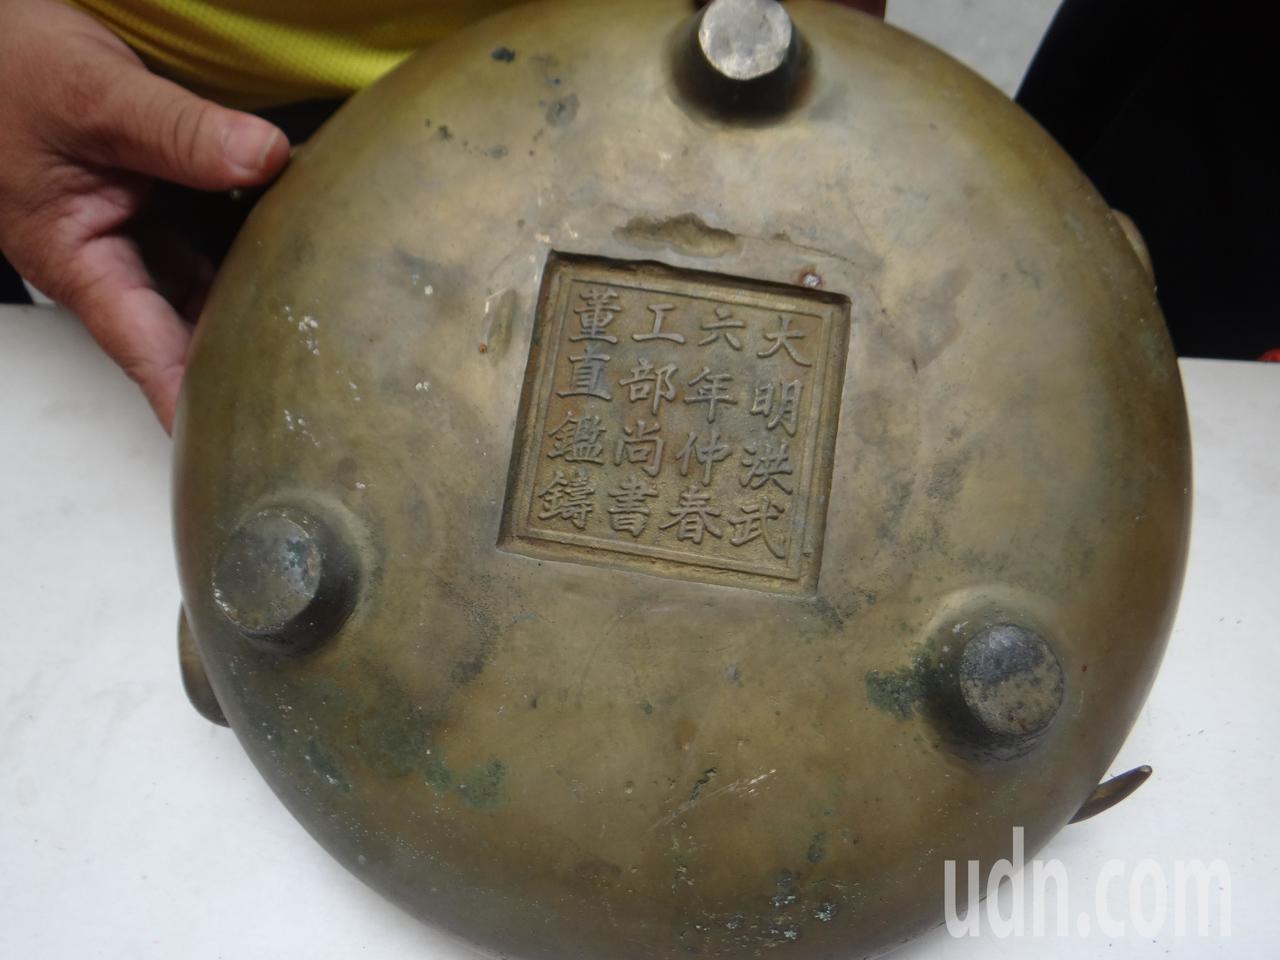 鳳天寺找出明代的古銅雙龍淨爐,十分珍貴。記者蔡維斌/攝影